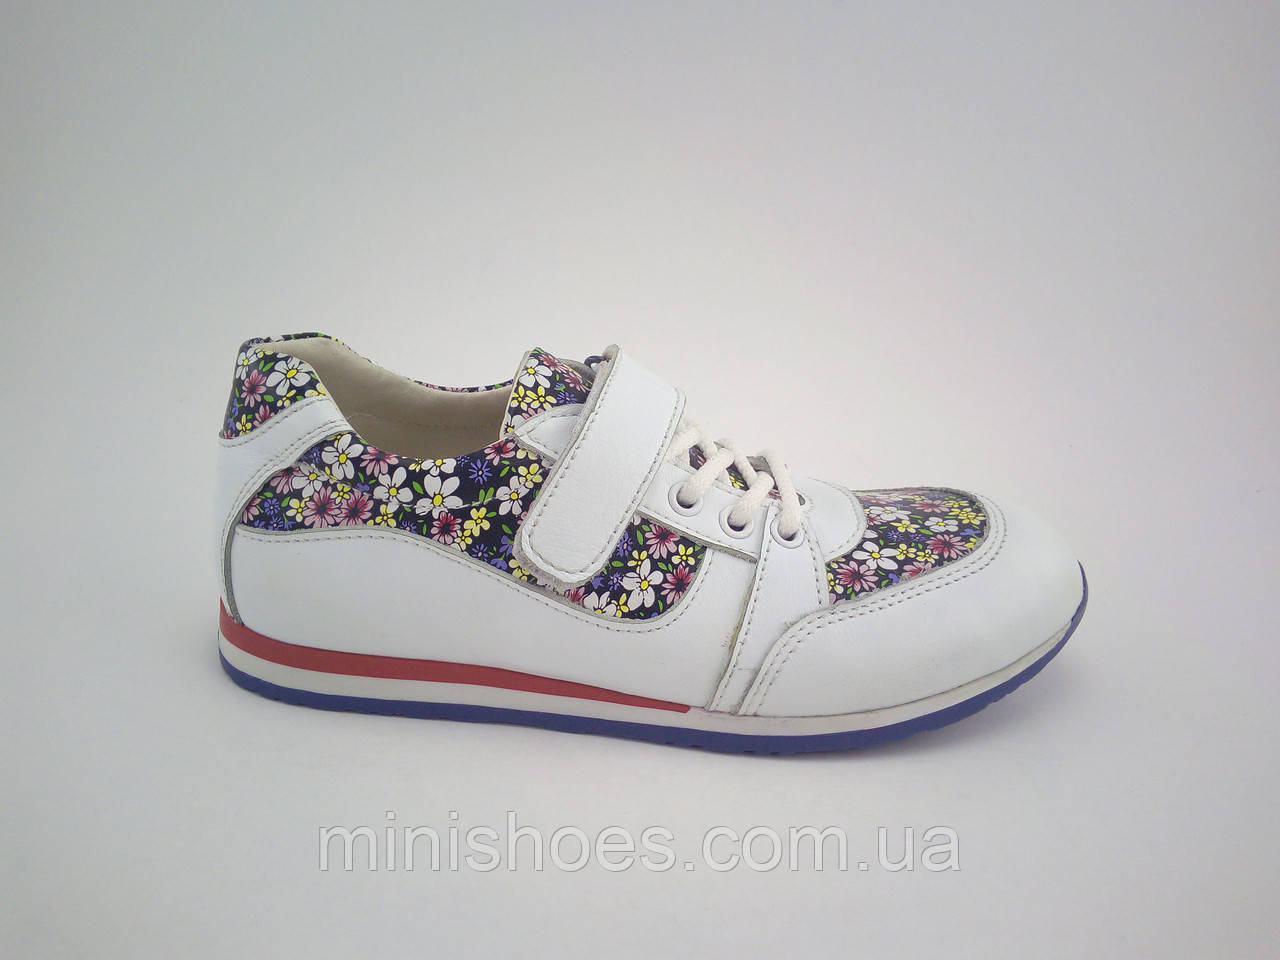 377063a3 Детские кроссовки кожаные в цветочек для девочки 32 размера - Интернет-магазин  детской обуви